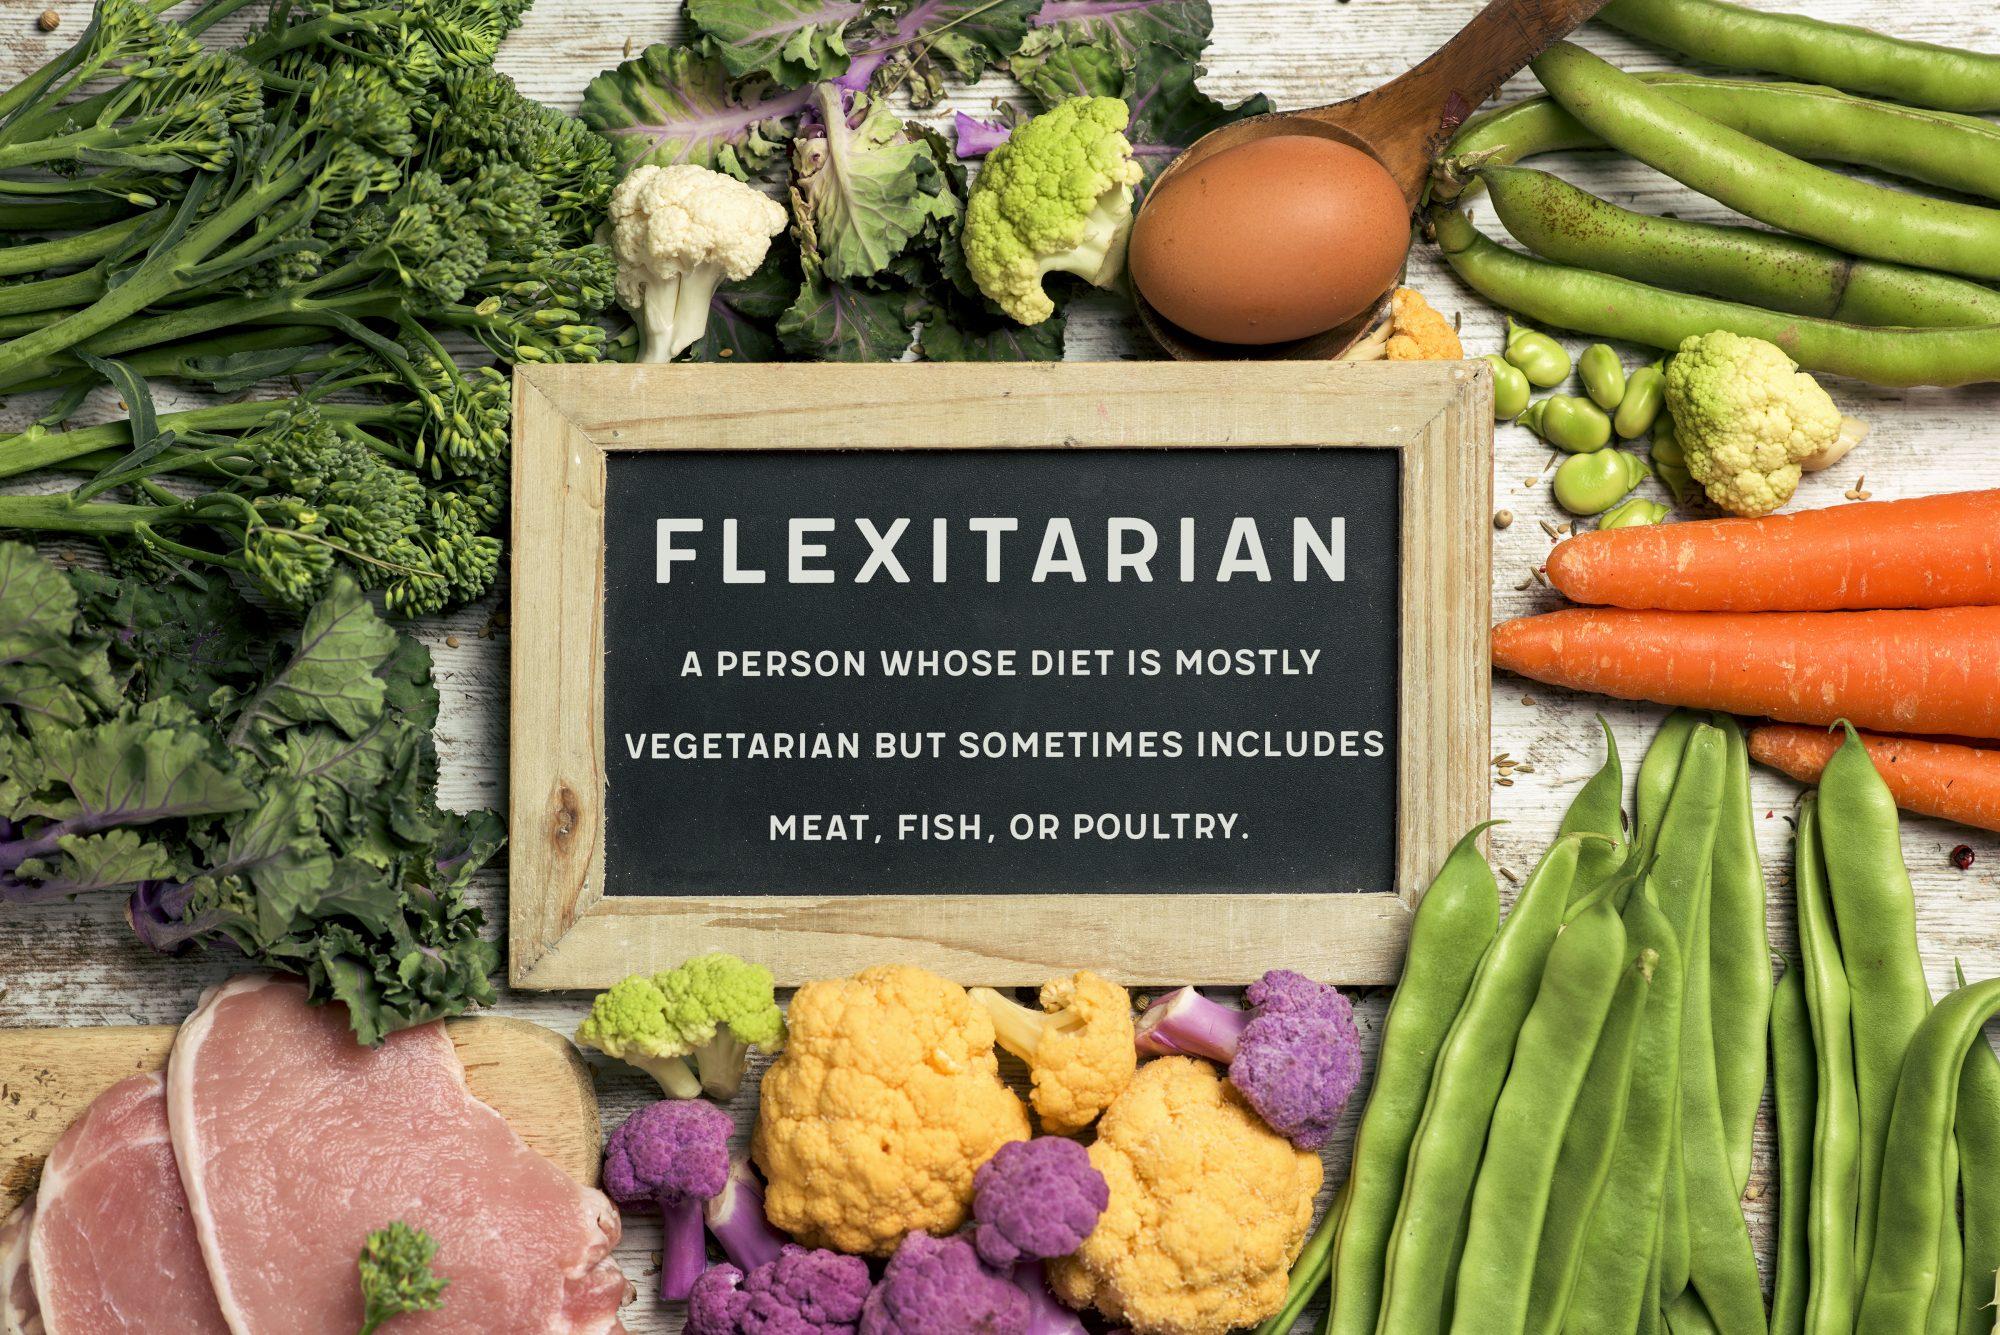 What's a Flexitarian?